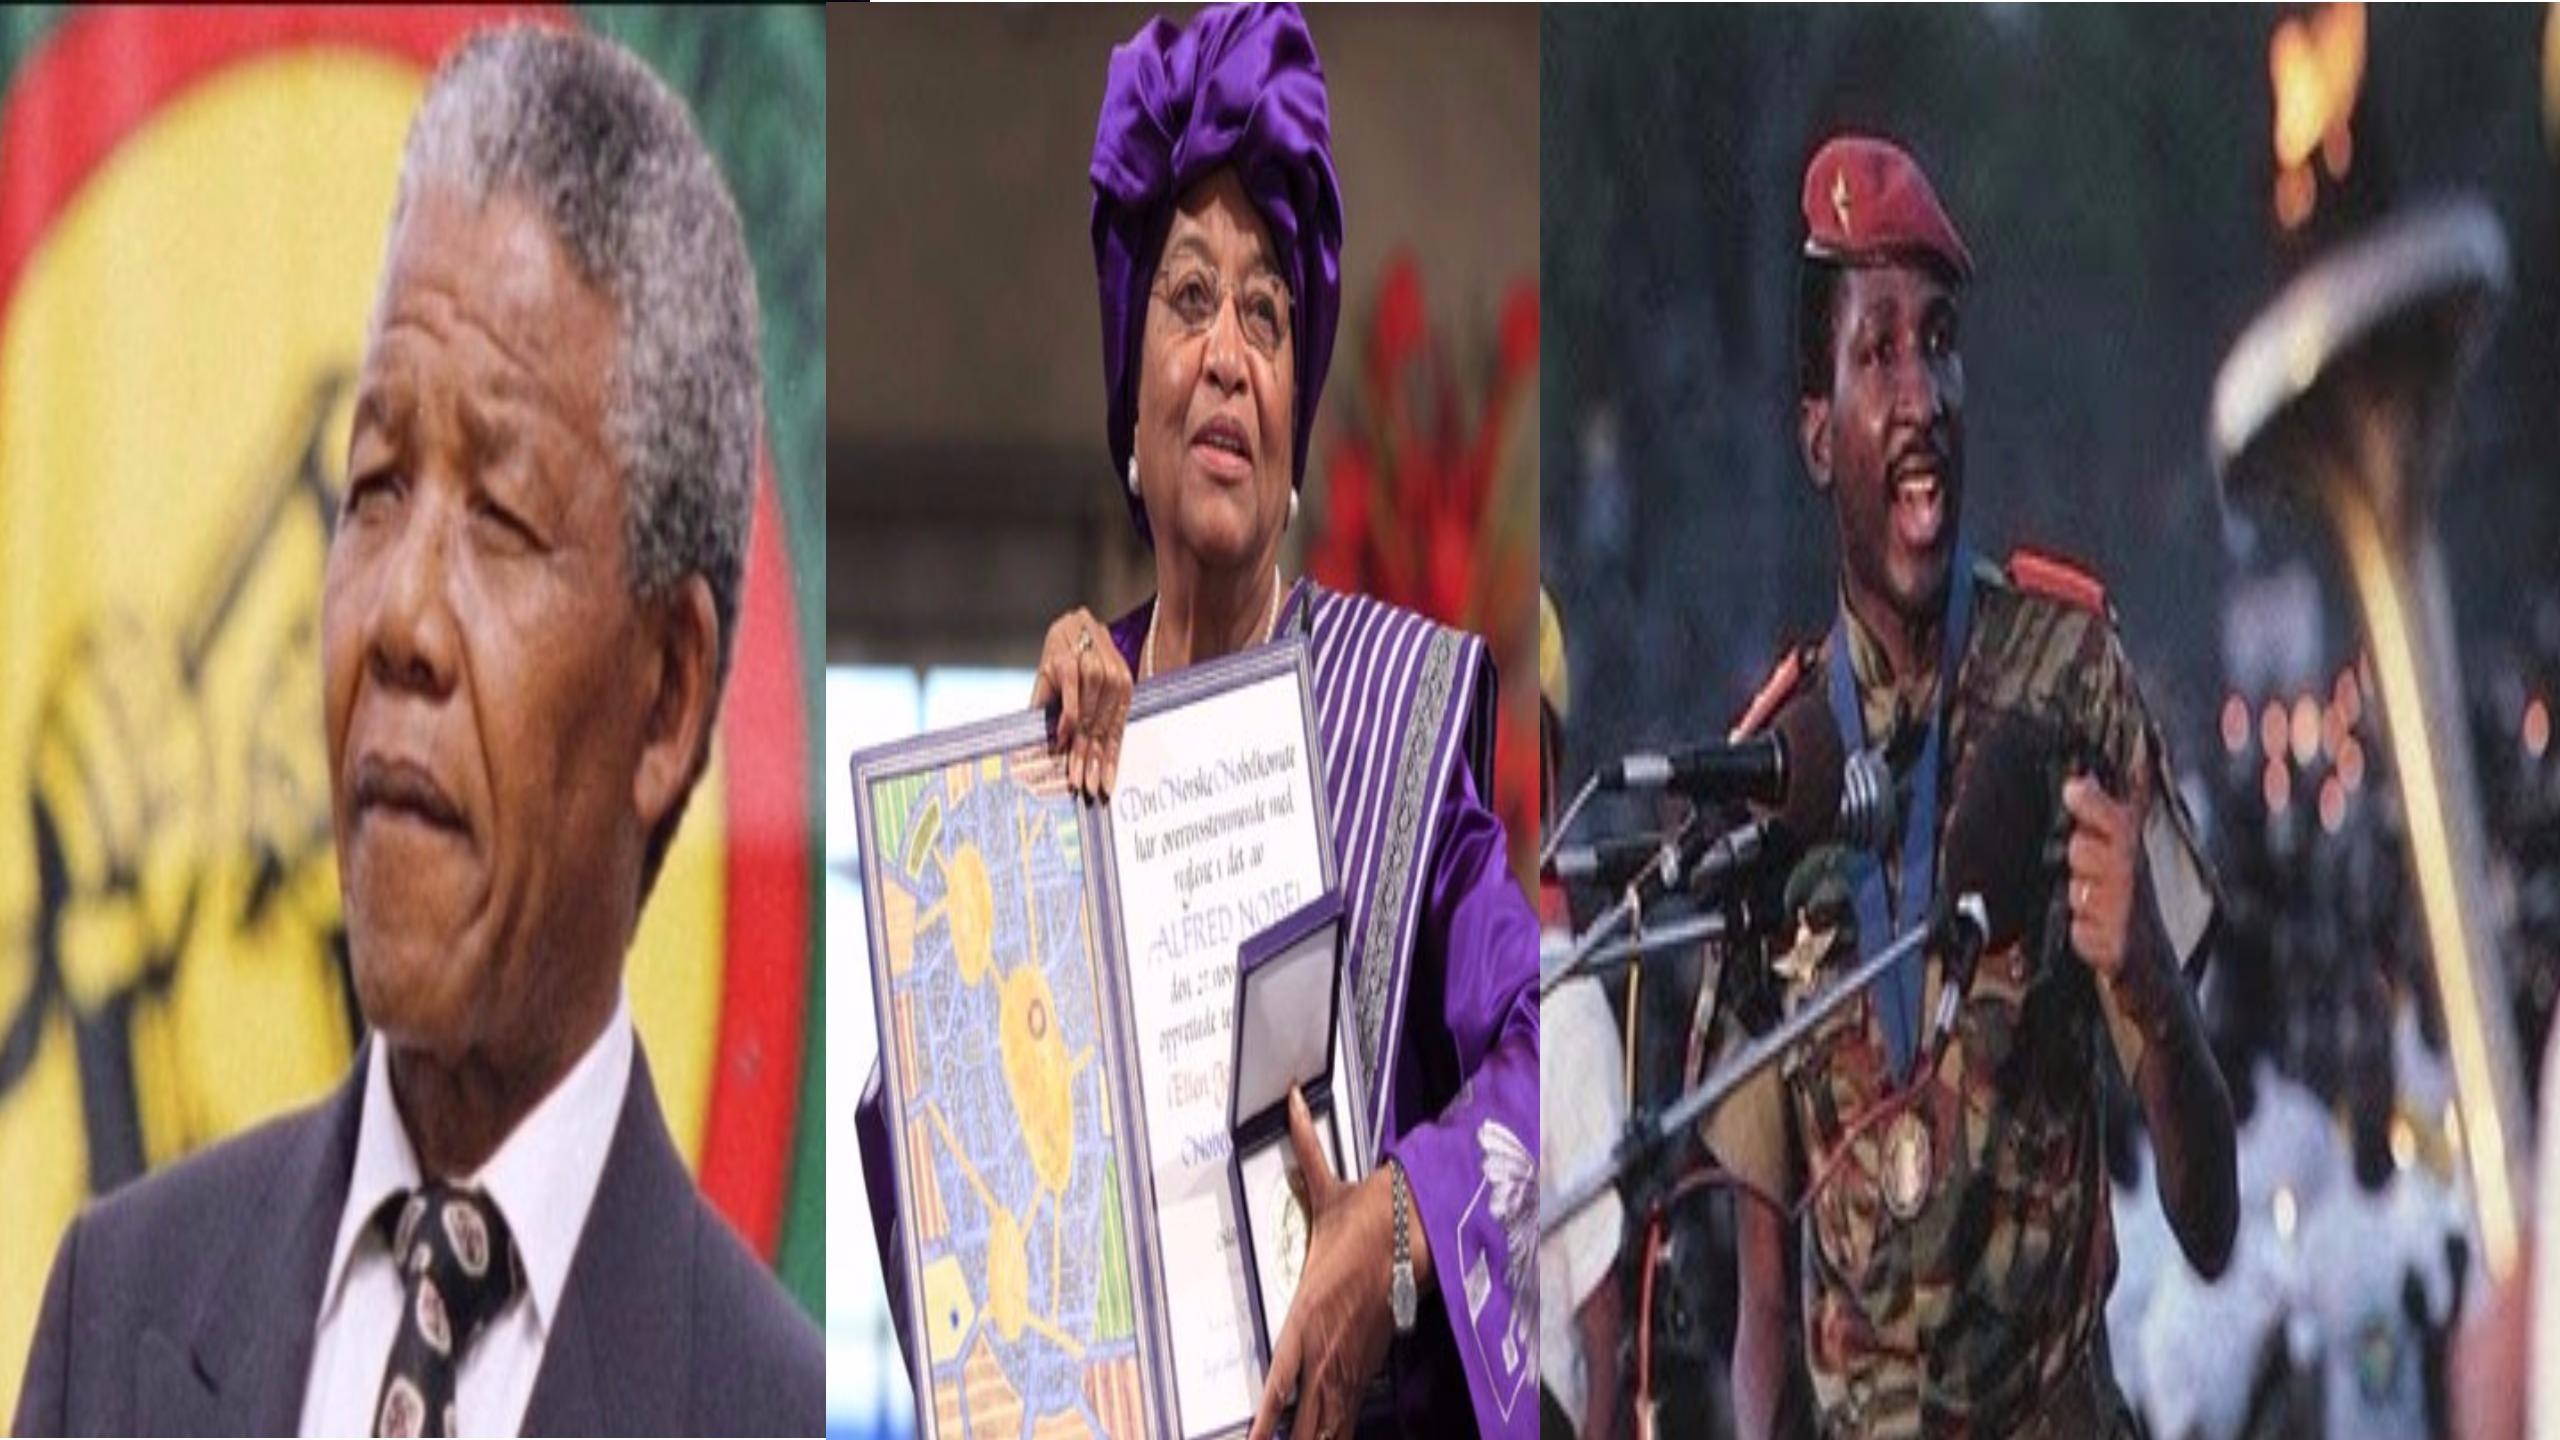 الزعيم الكونغولي باتريس لومومبا والرئيسة الليبرية ألين جونسون سيرليف ونيلسون مانديلا